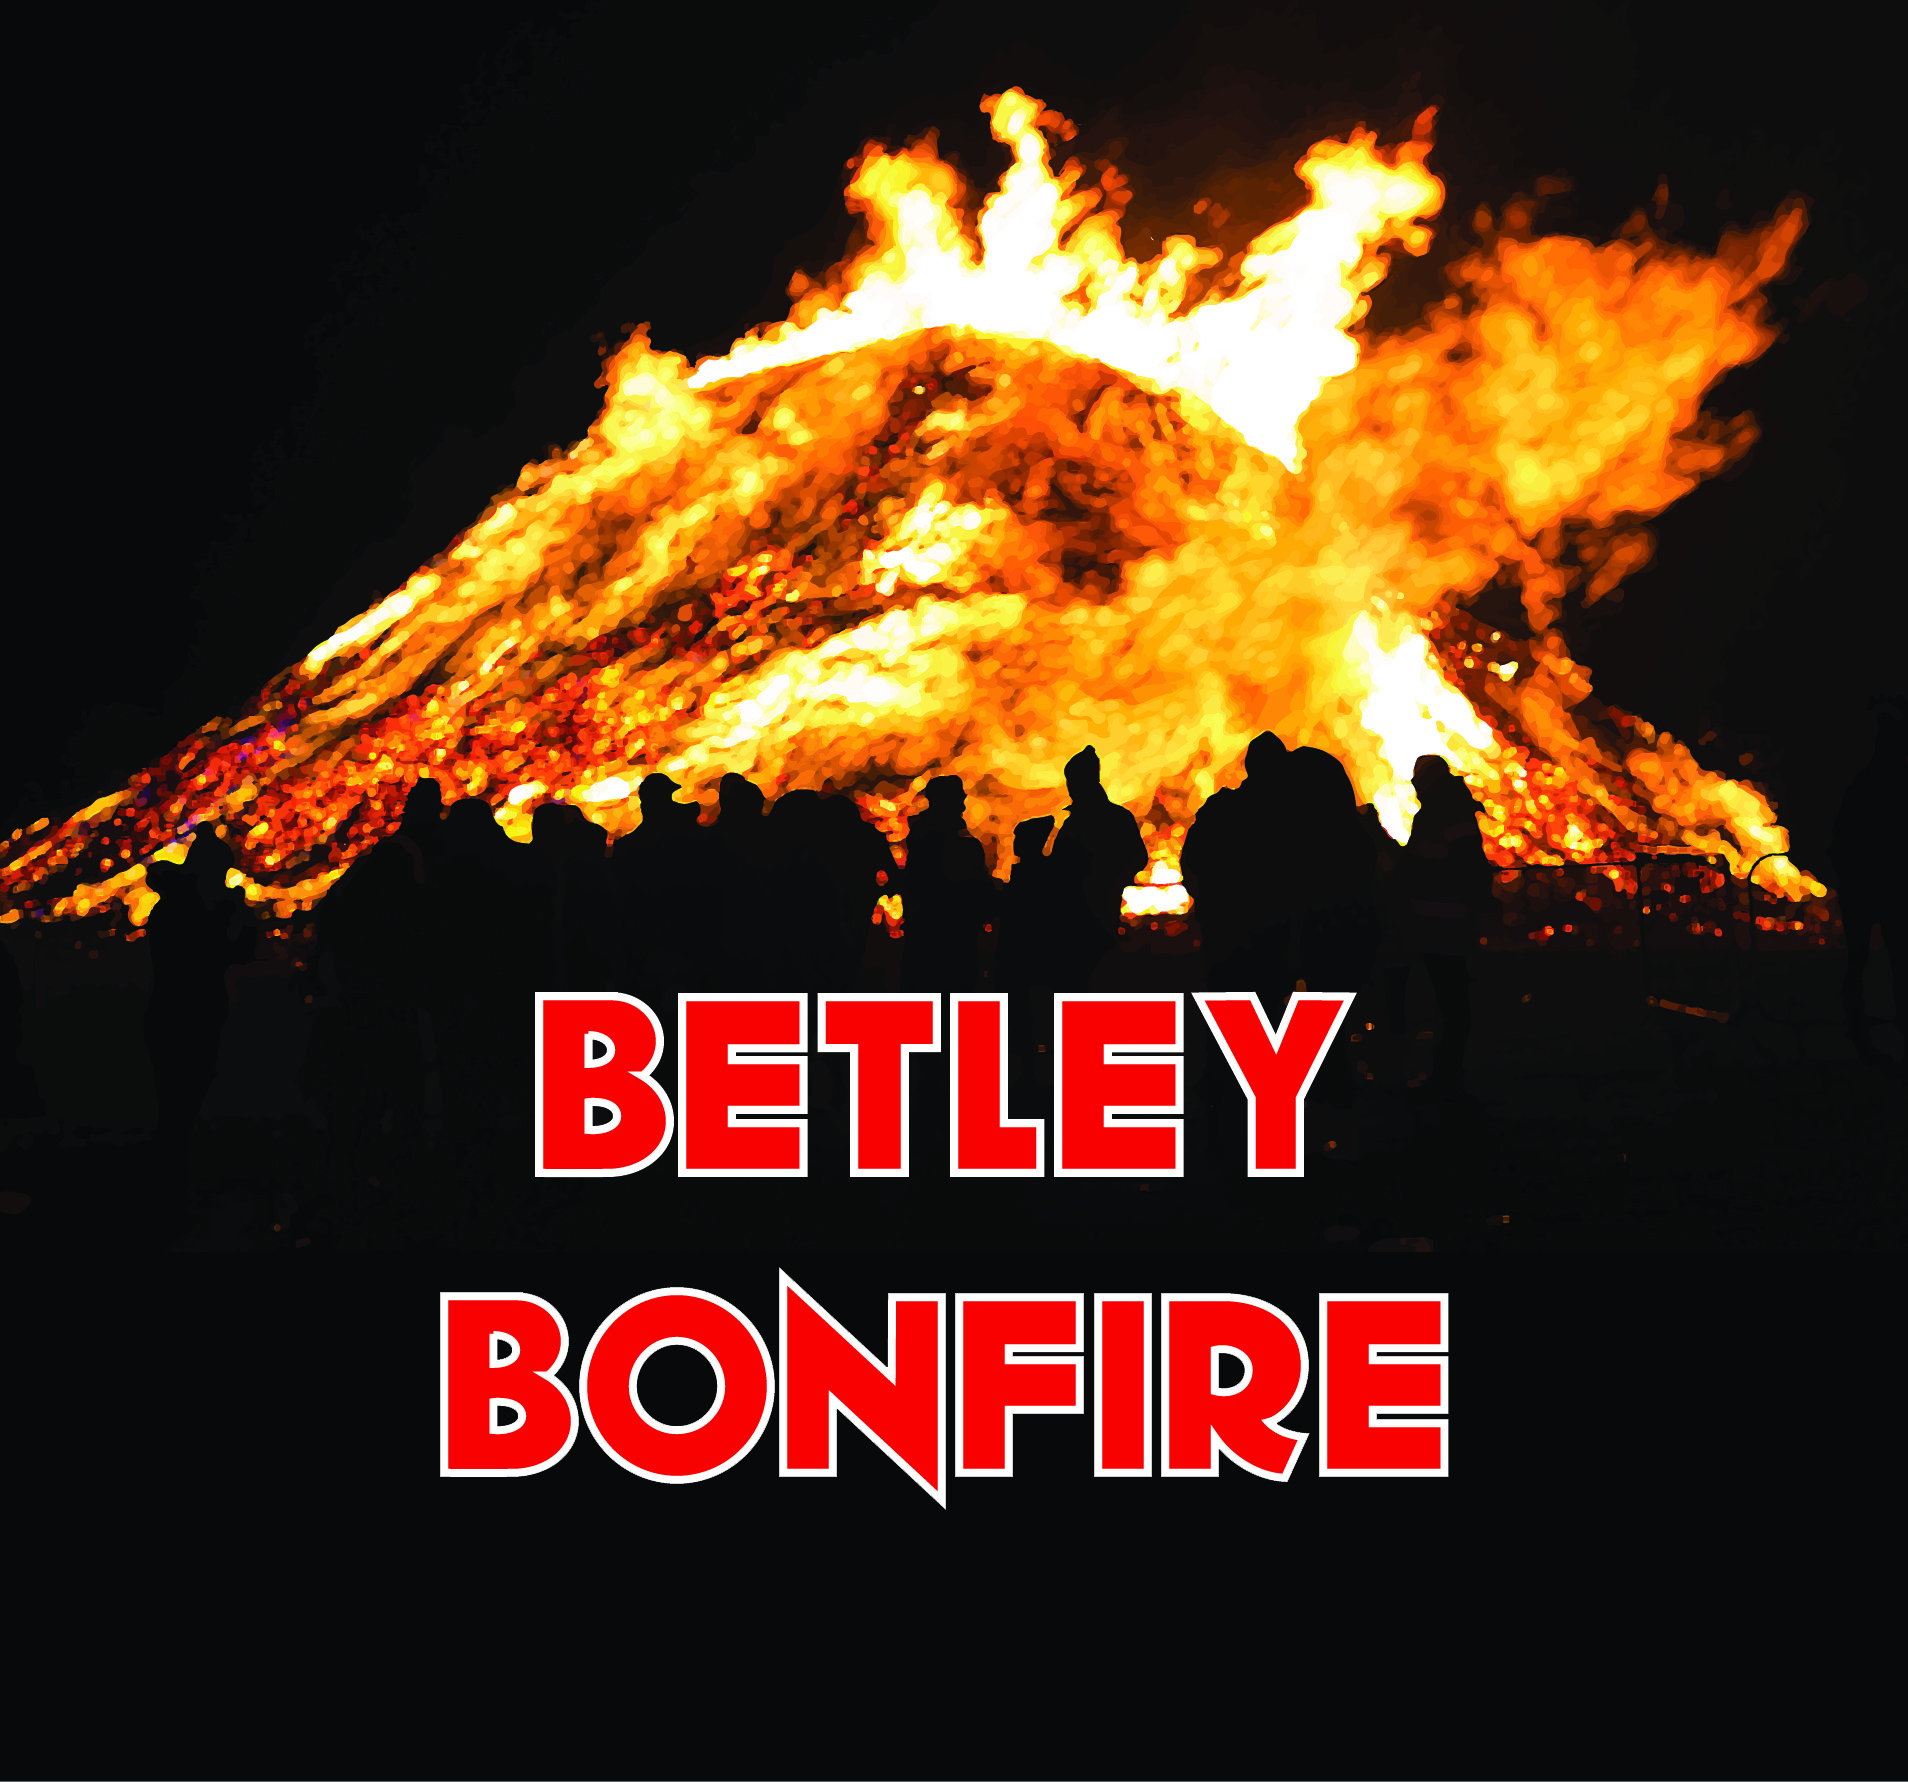 Betley Bonfire